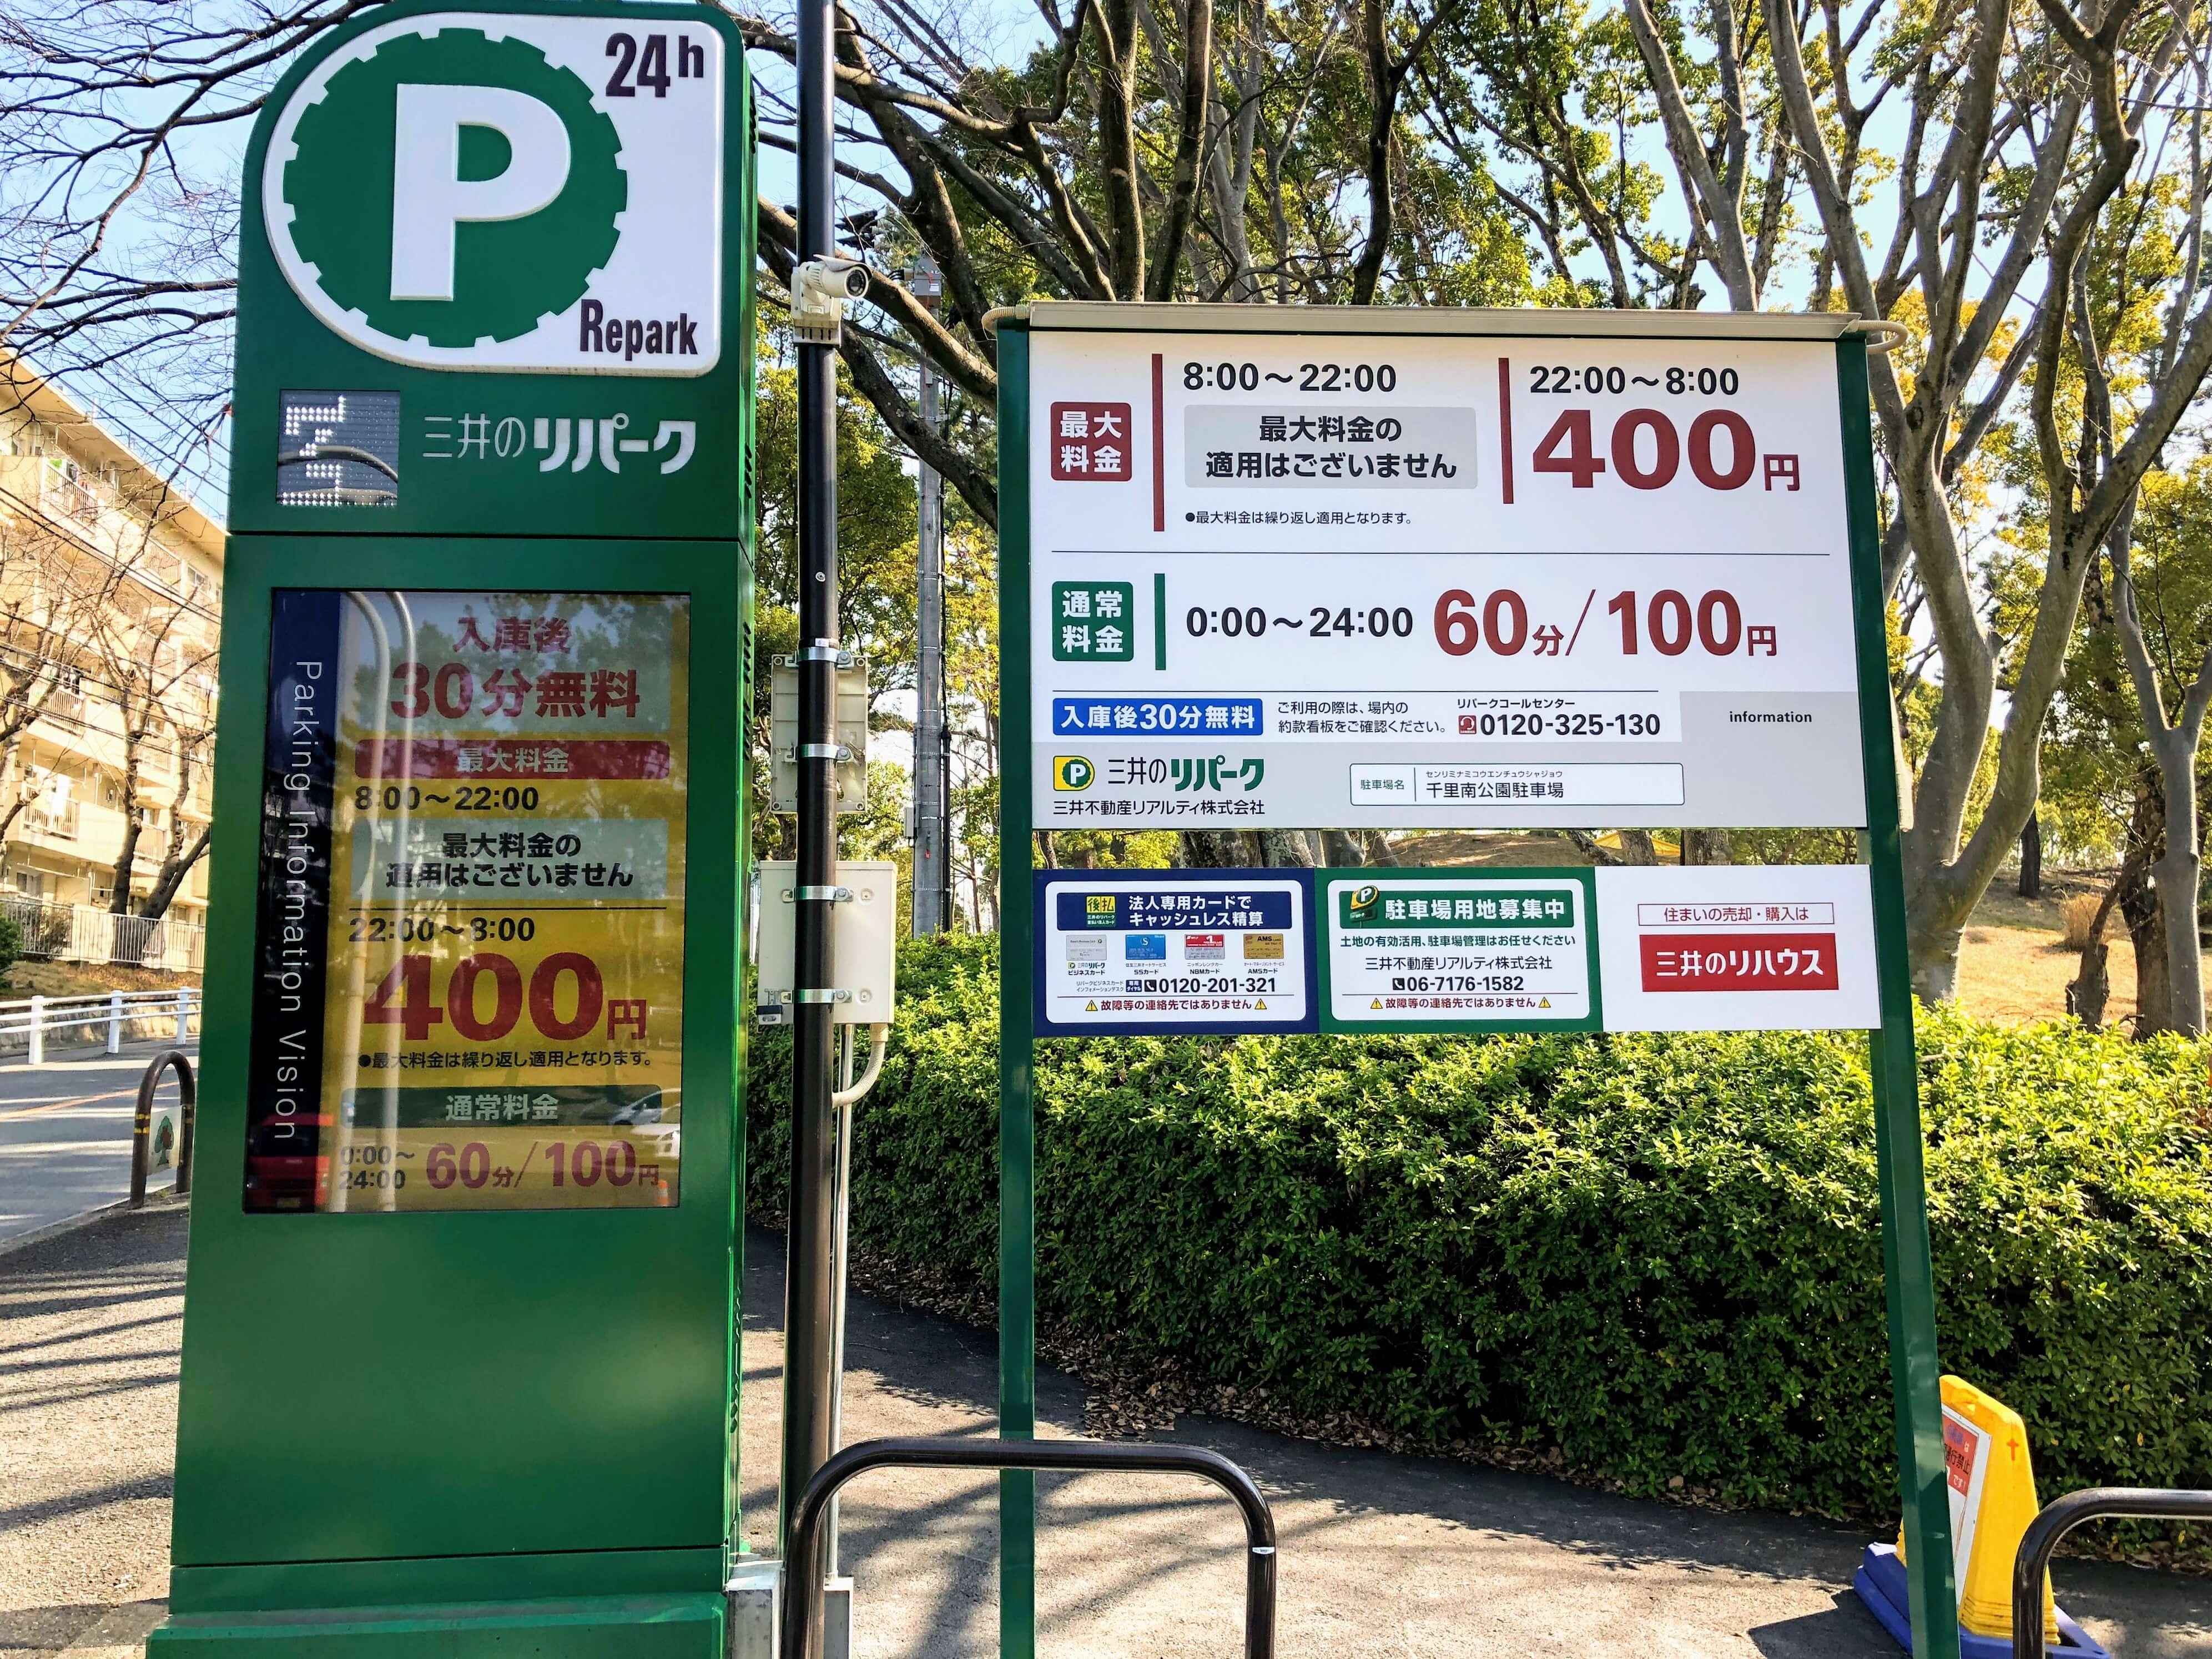 バードツリーの駐車場の料金